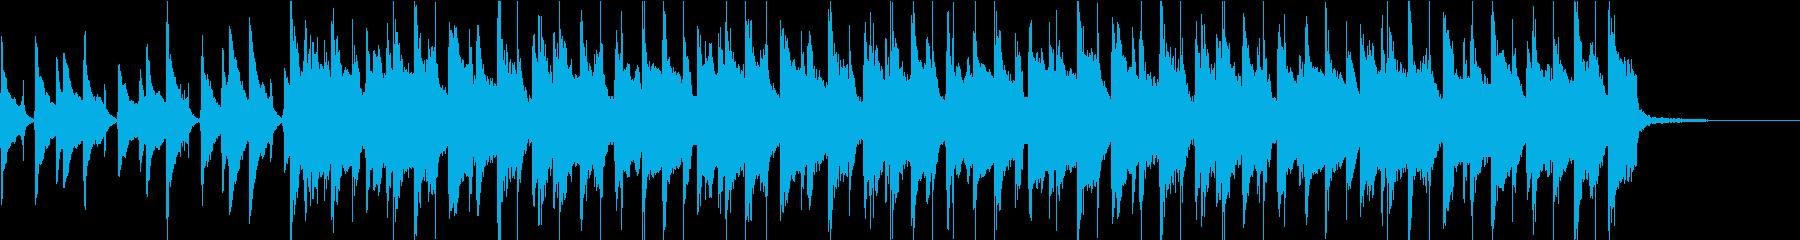 ウクレレほのぼのPOP・30秒ジングルの再生済みの波形